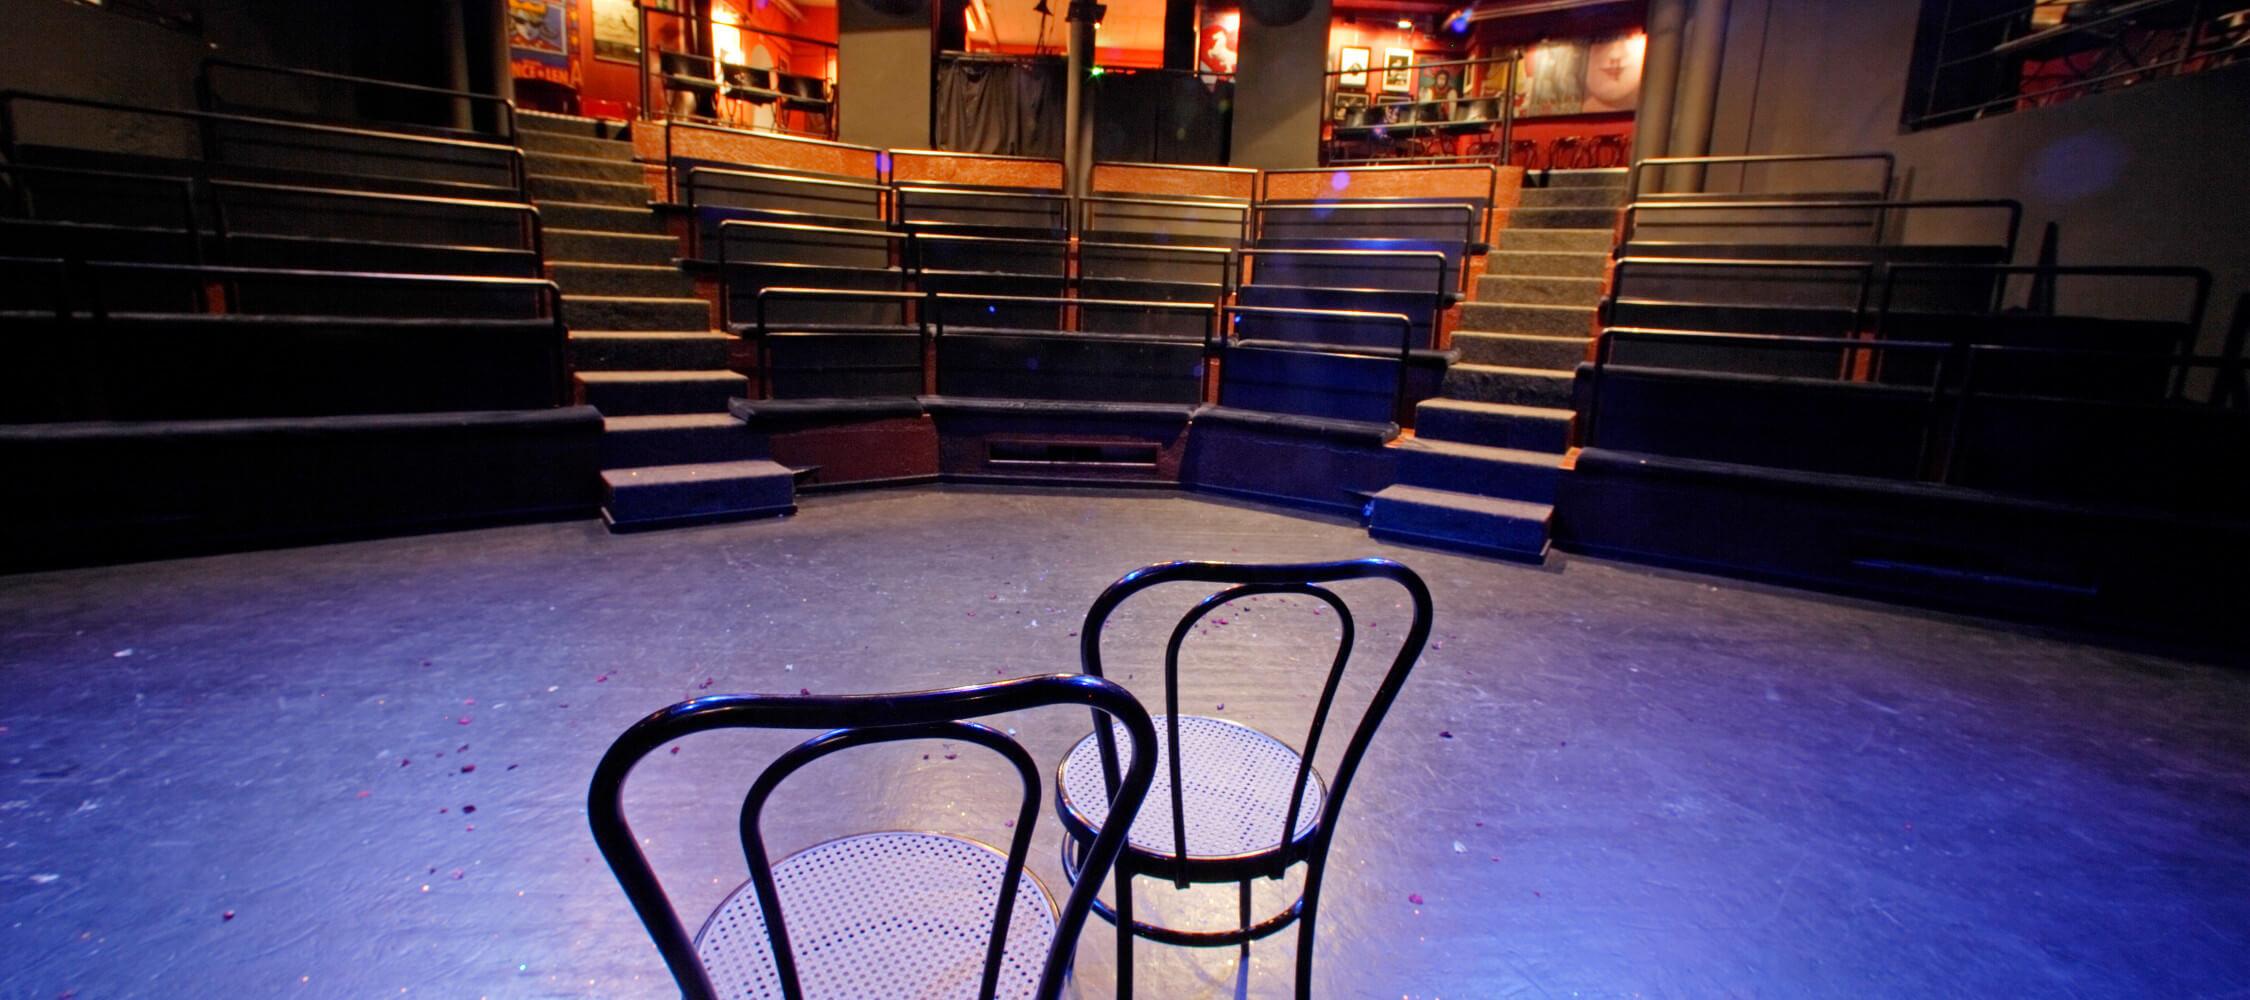 Italien-Trentino_Suedtirol_Alto_Adige_Merano_Meran_Besichtigen_Kultur_Theater_in_der_Altstadt_Abend_Nacht_MGM-Frieder-Blickle_mgm01414mgm_2250x1000